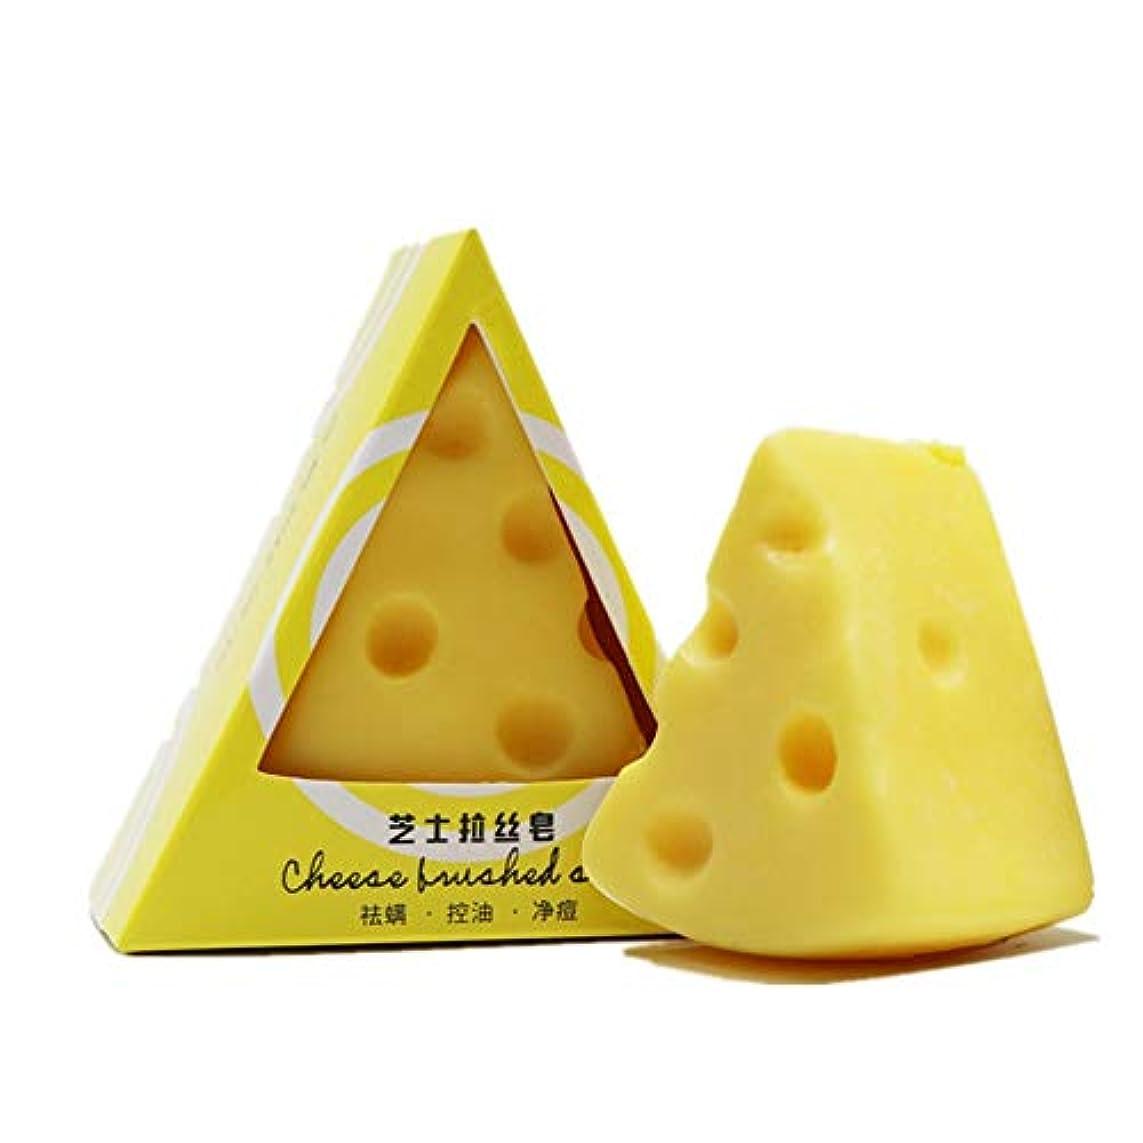 広大なよろしくみなすKISSION ボディソープ 起毛石鹸 ボディクレンジング チーズソープ 手作り石鹸 保湿オイル制御 防ダニ にきび対策 フェイシャルソープ